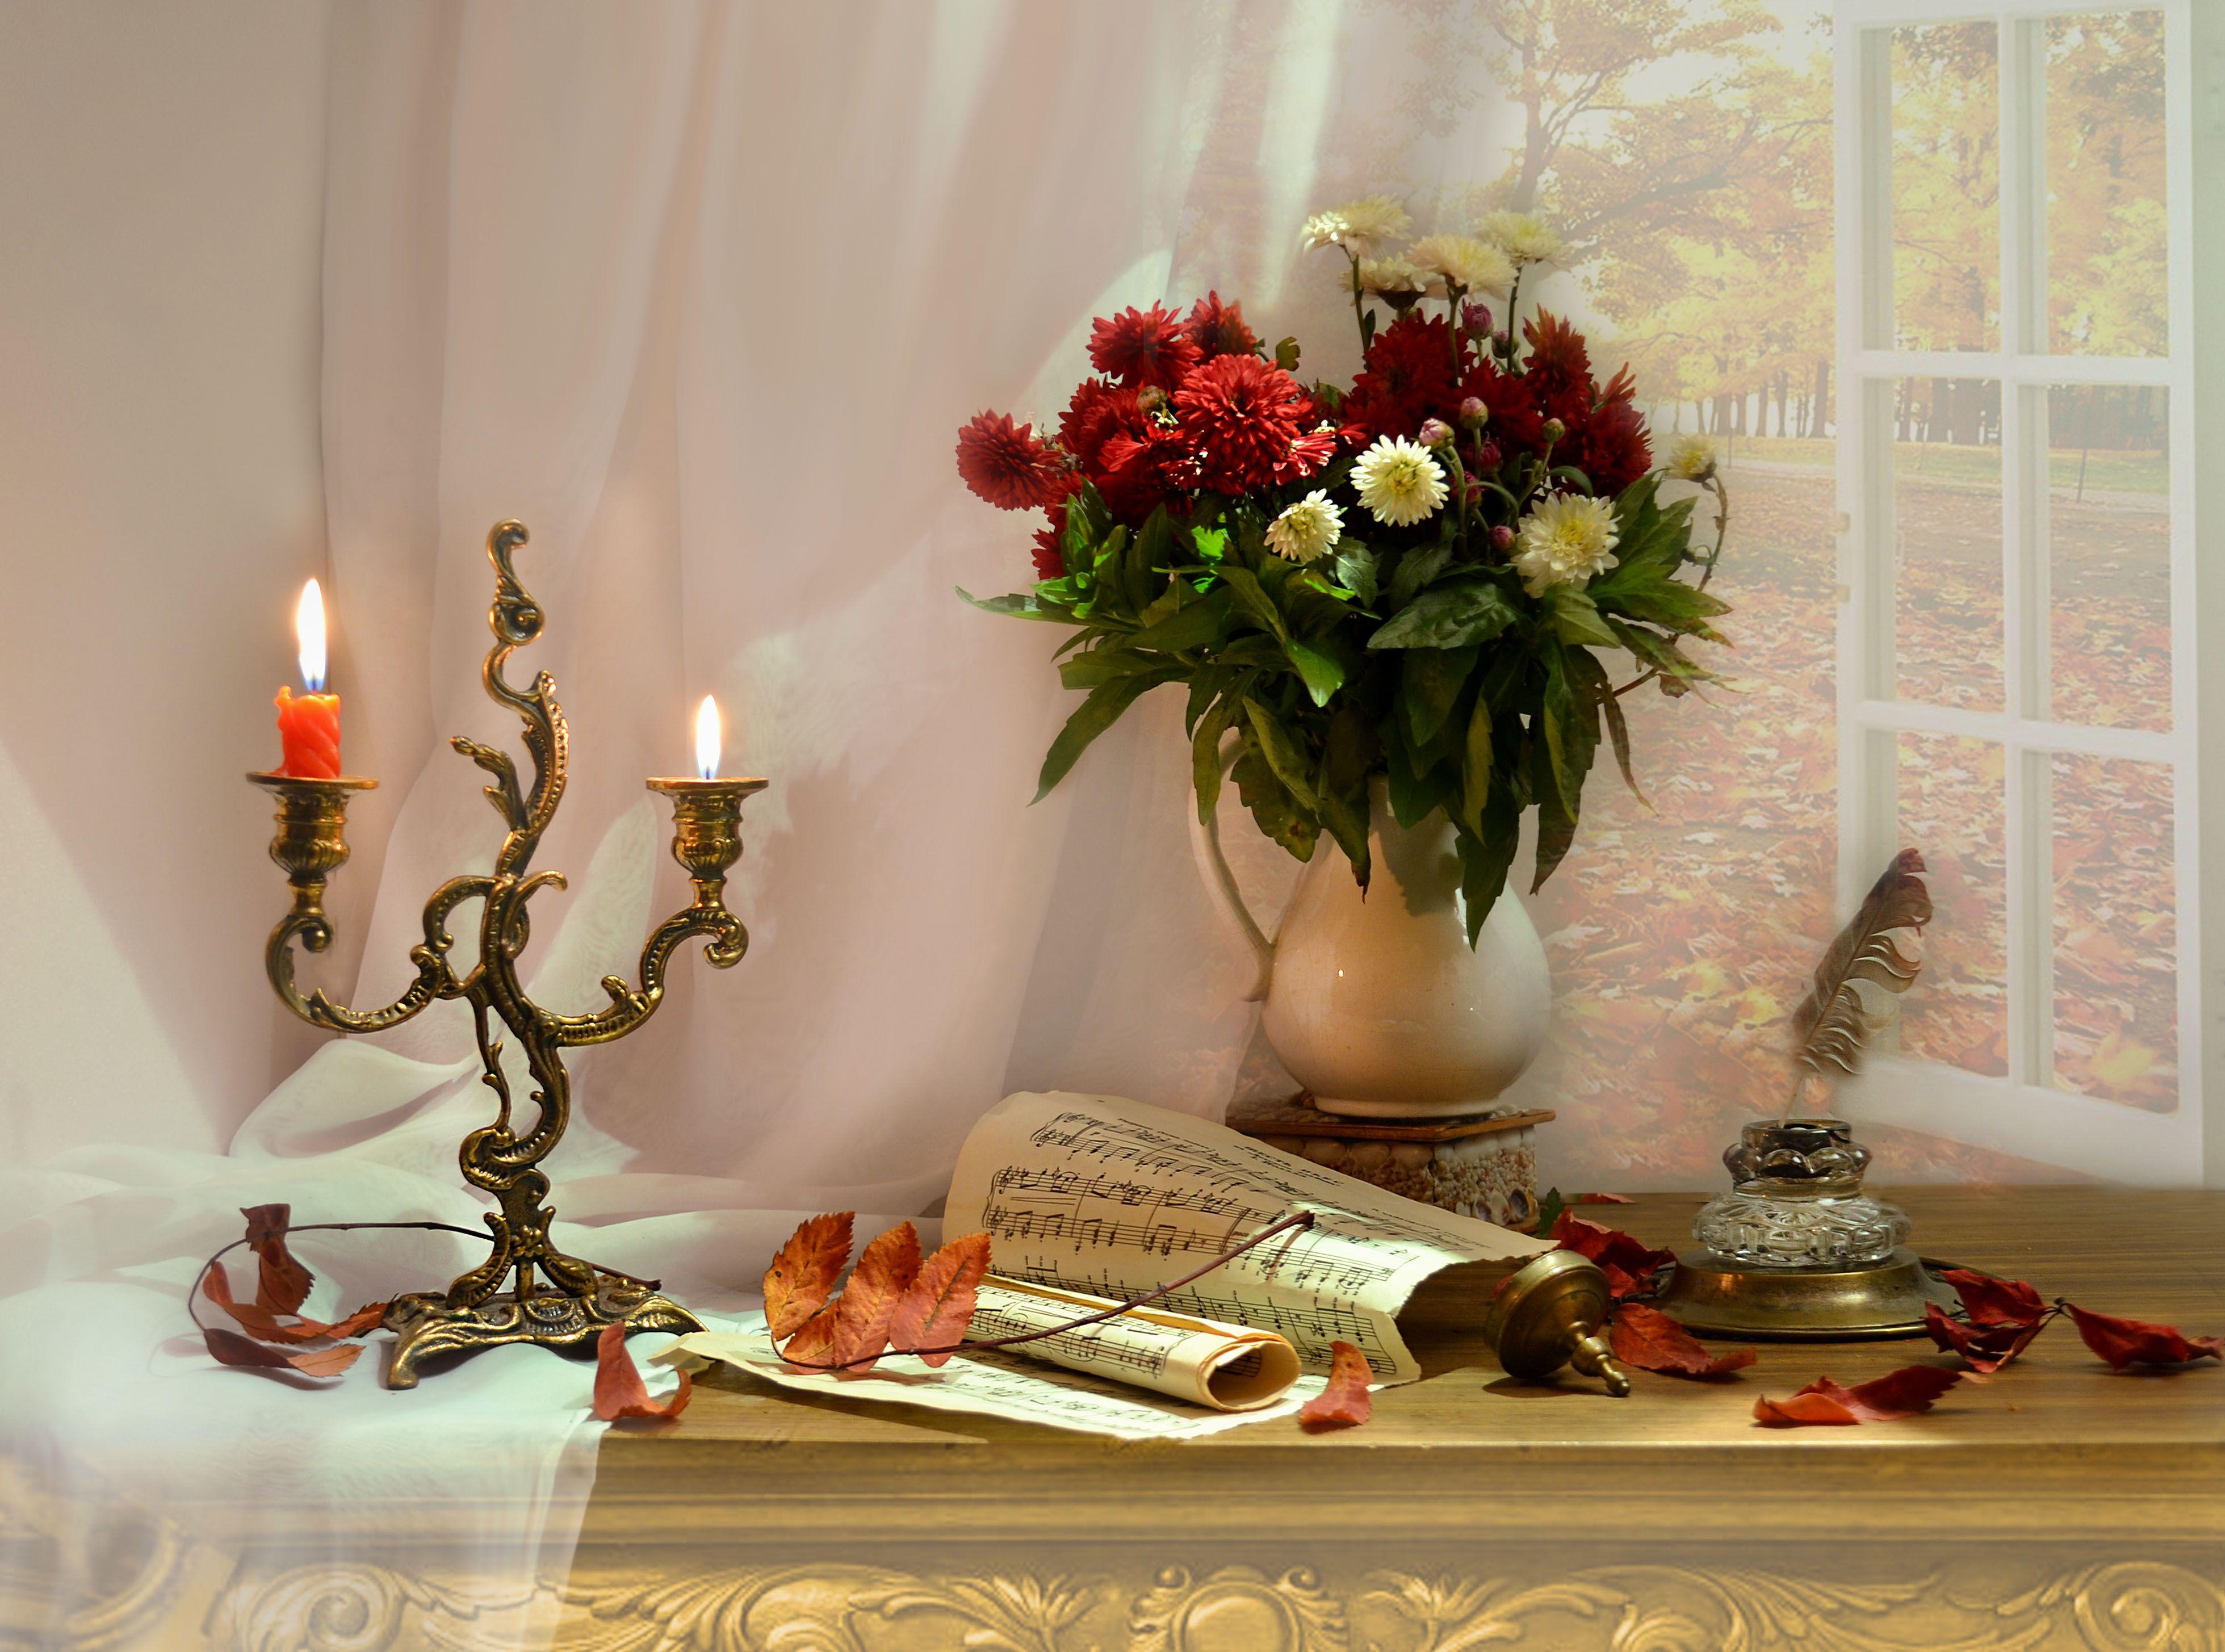 still life,натюрморт,фото натюрморт ,осень ,октябрь ,цветы, чернильница,  хризантемы,  свечи, подсвечник, ноты, листья, Колова Валентина